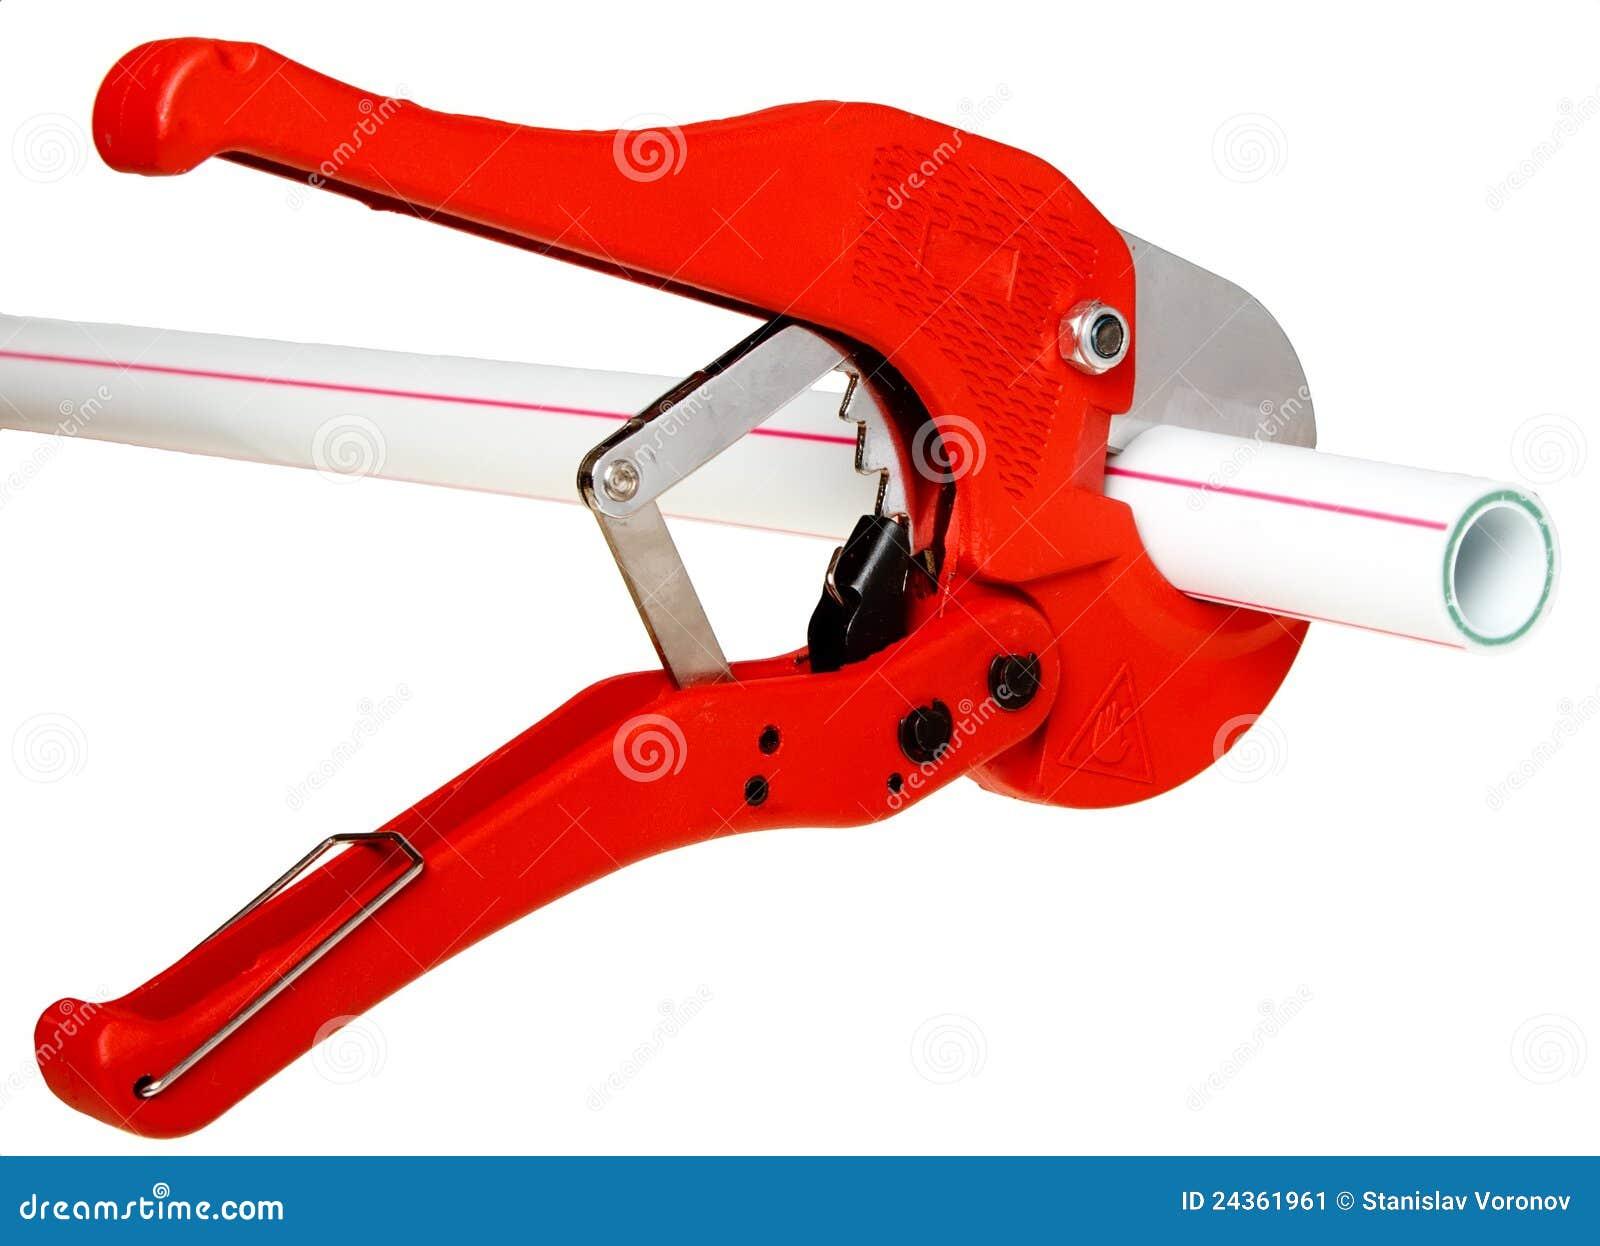 Herramientas para cortar los tubos del polipropileno for Herramientas para desatascar tuberias